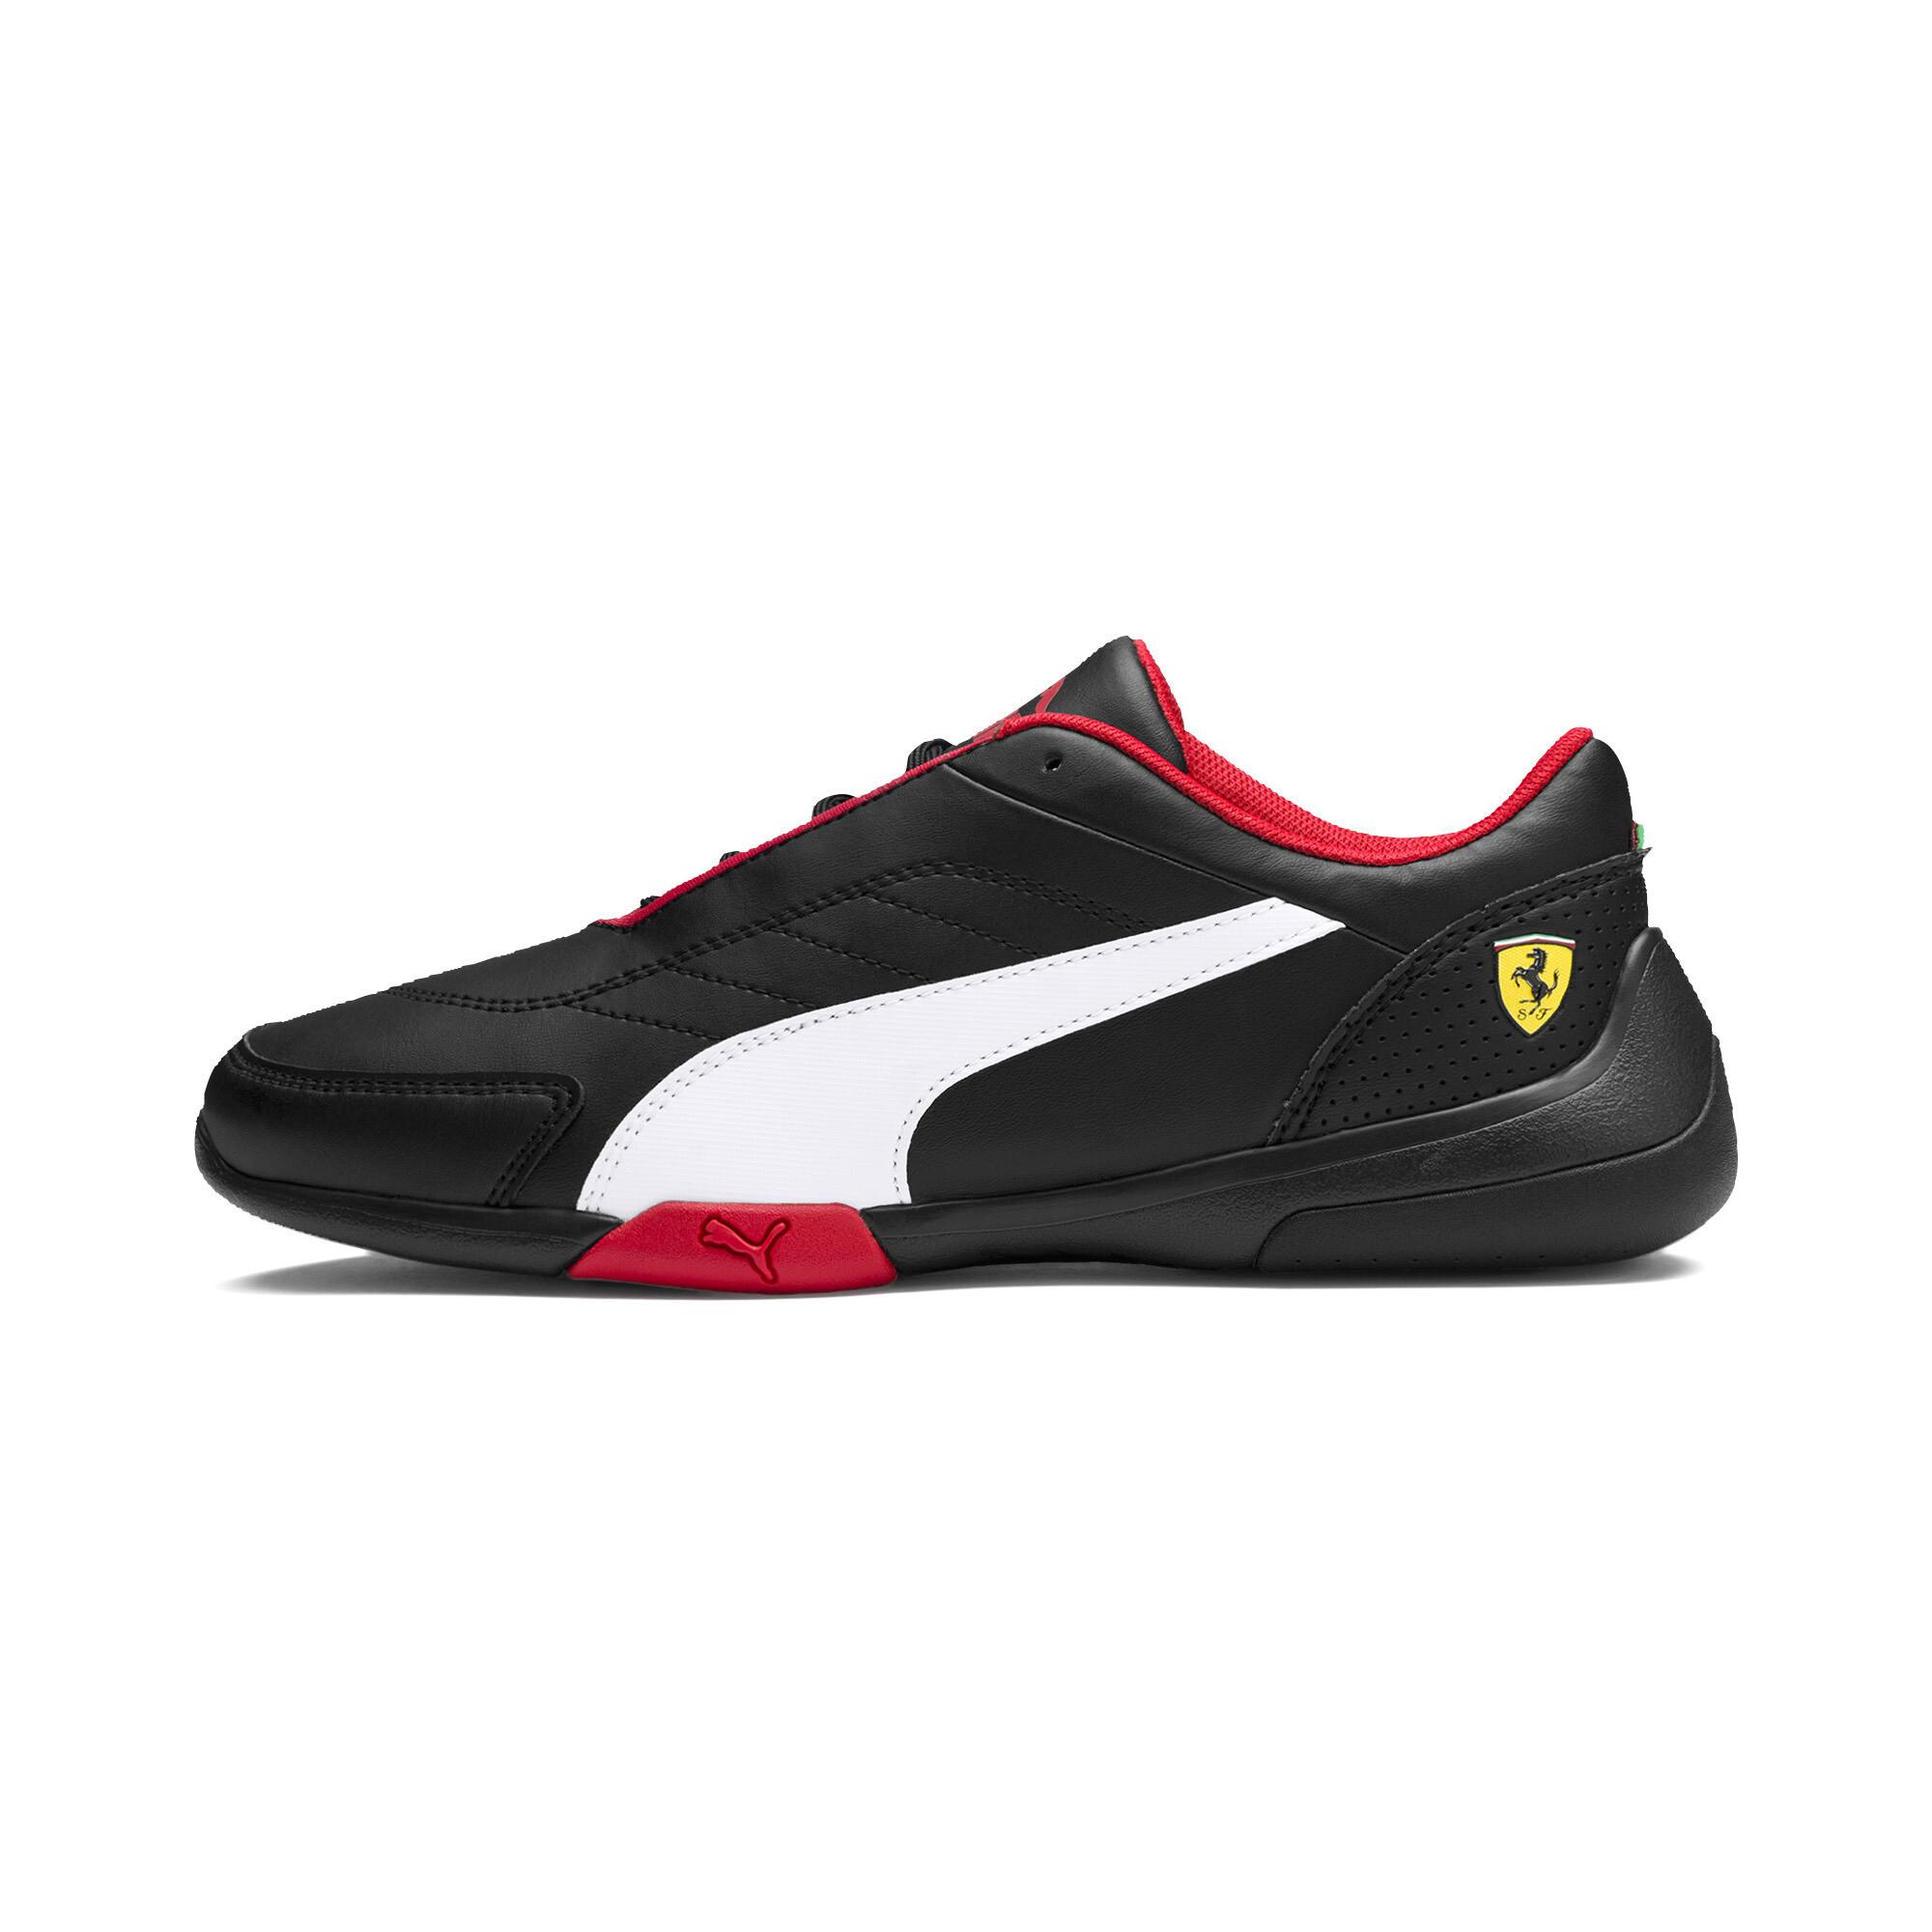 PUMA-Scuderia-Ferrari-Kart-Cat-III-Shoes-Men-Shoe-Auto thumbnail 11